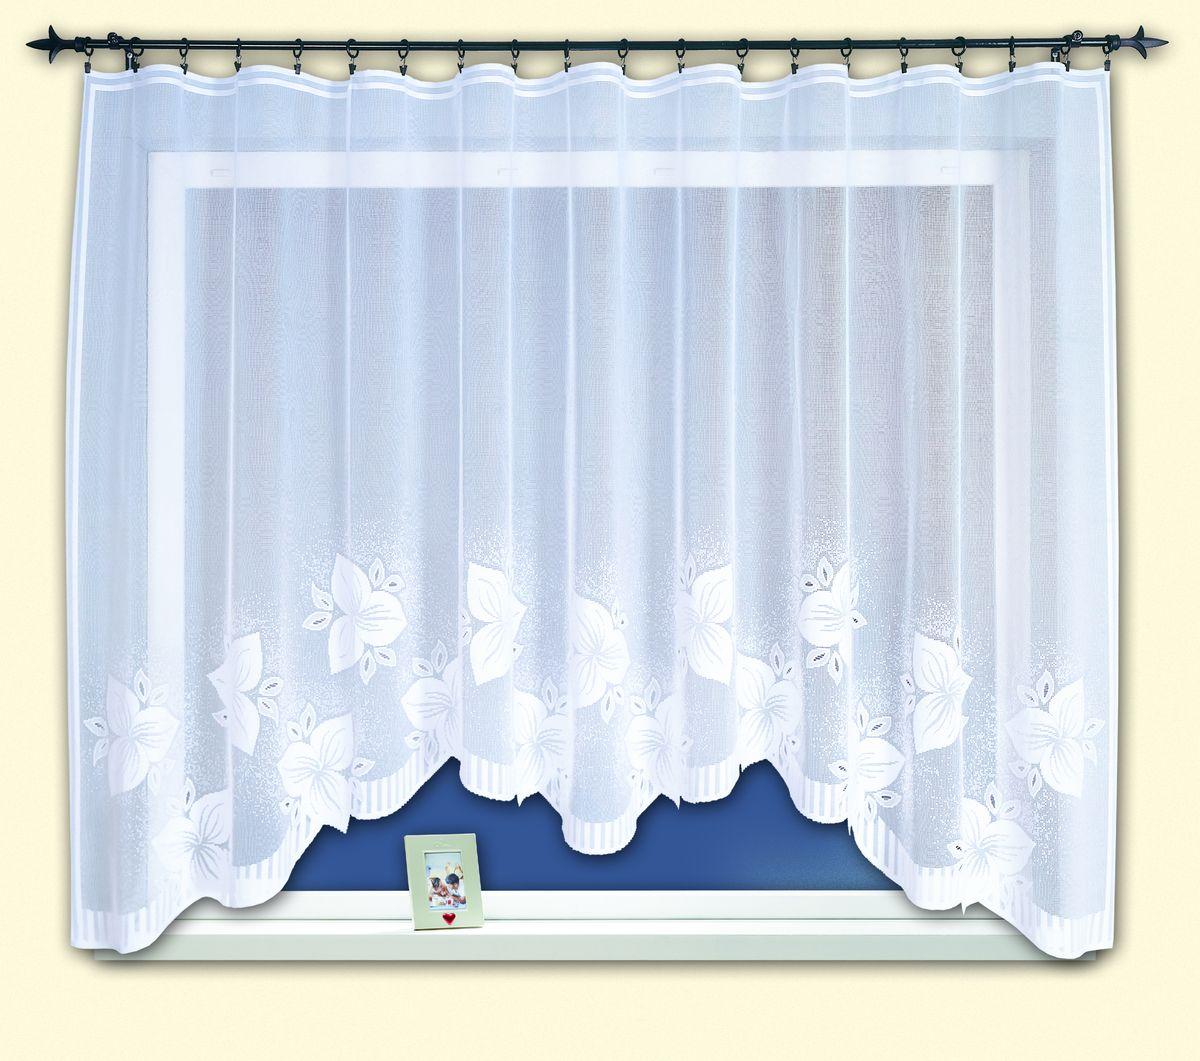 Гардина для кухни Haft Magia Wzorow, на ленте, цвет: белый, высота 160 см. 33960/16033960/160Воздушная гардина Haft Magia Wzorow, изготовленная из полиэстера белого цвета, станет великолепным украшением любого окна. Оригинальный цветочный рисунок, украшающий нижний край гардины, и нежная фактура материала привлекут к себе внимание и органично впишутся в интерьер комнаты. В гардину вшита шторная лента.Размер гардины: 160 см х 300 см.Главный ассортимент компании Haft - это тюль и занавески. Haft предлагает готовые решения для ваших окон, выпуская готовые наборы штор, которые остается только распаковать и повесить. Модельный ряд отличает оригинальный дизайн, высокое качество. Занавески, шторы, гардины Haft долговечны, прочны, практически не сминаемы, они не притягивают пыль и за ними легко ухаживать. Вся продукция бренда Haft выполнена на современном оборудовании из лучших материалов.